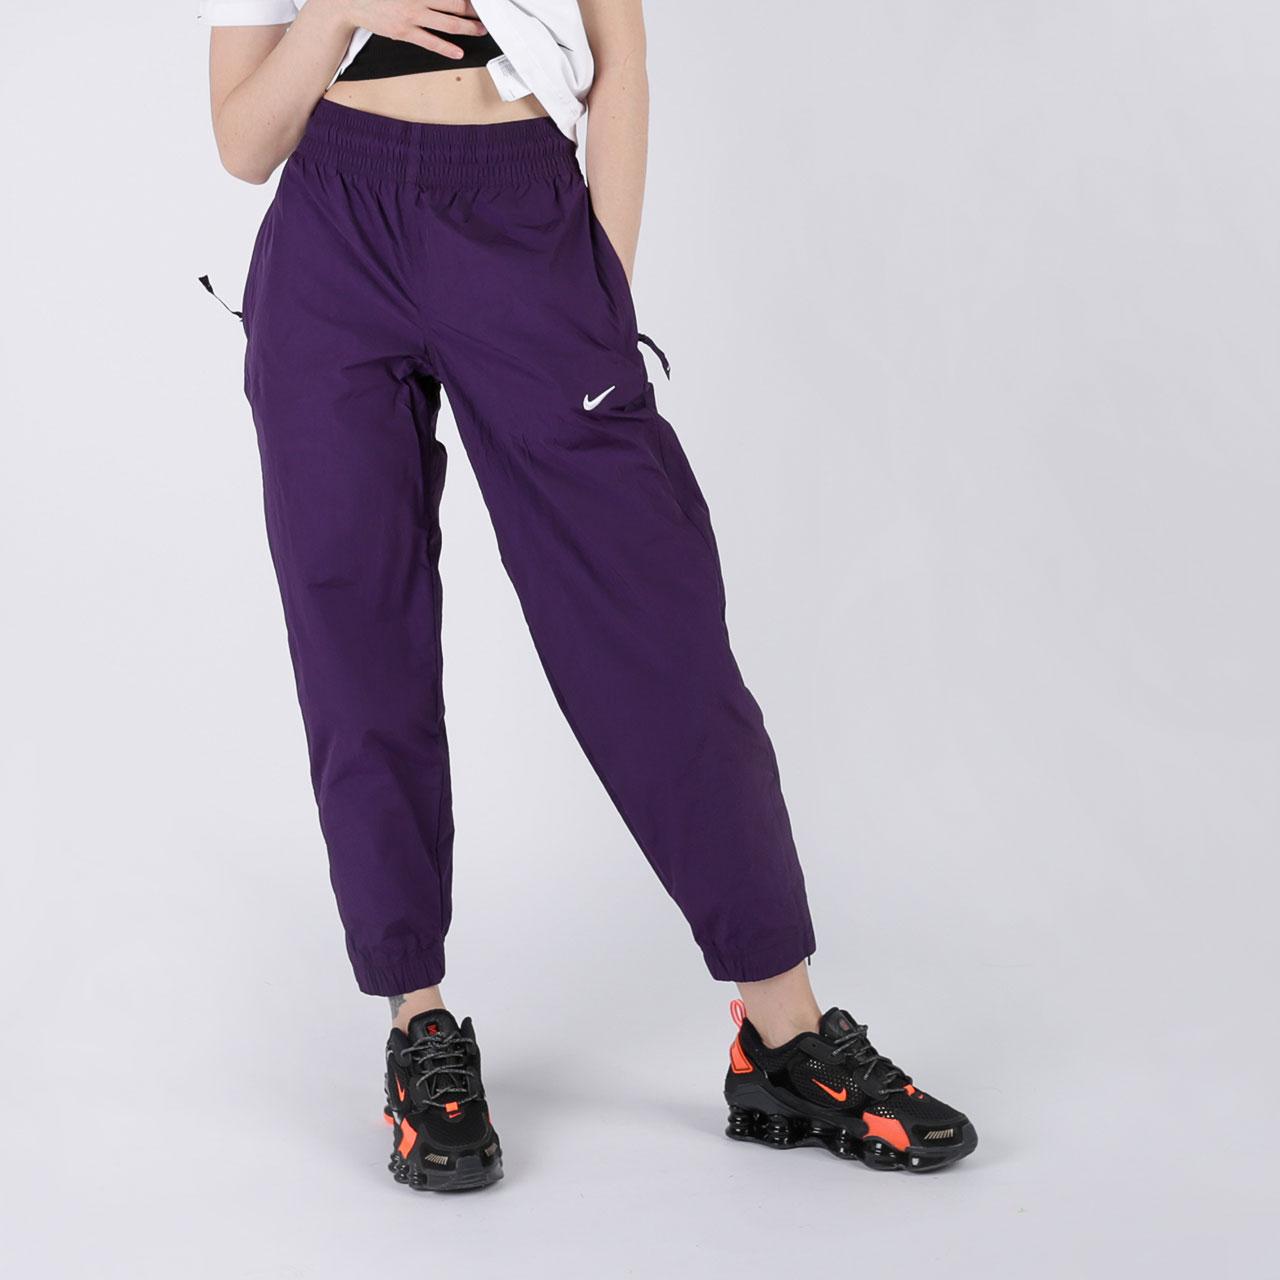 женские фиолетовые  брюки nike track pant purple CQ4003-525 - цена, описание, фото 2